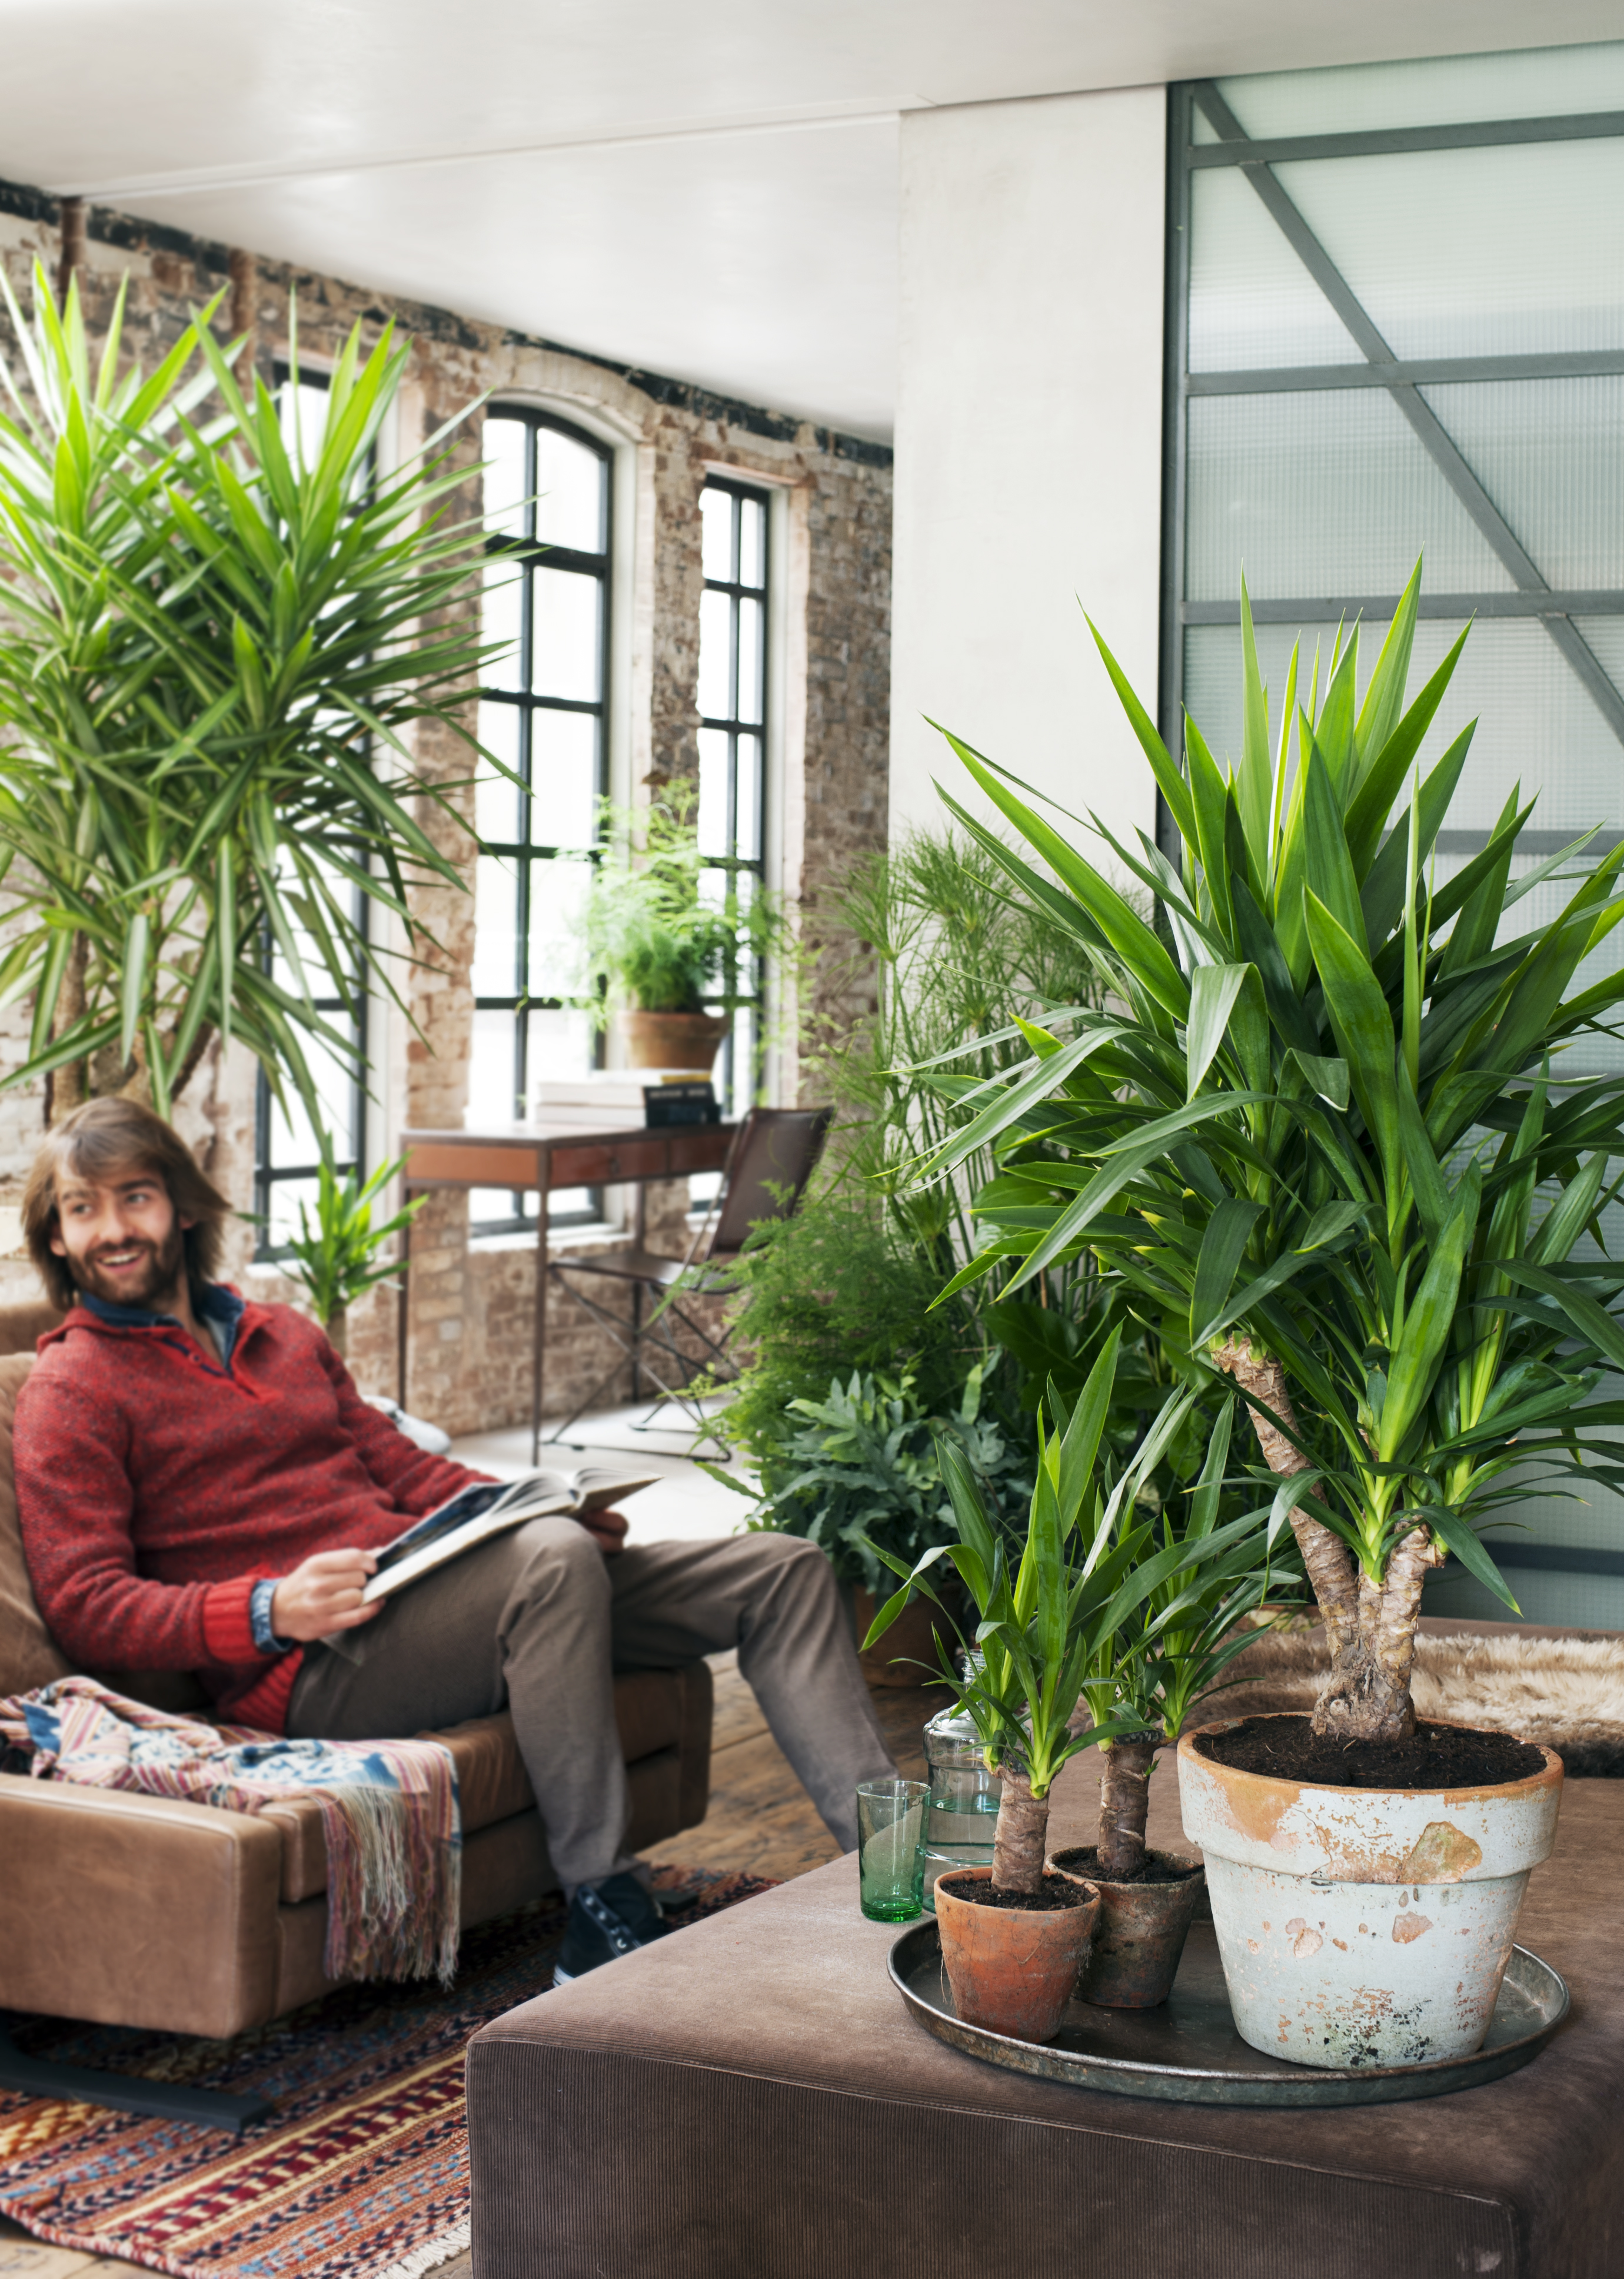 Januari 2015 yucca is woonplant van de maand bloemenbureau for Yucca wohnzimmer